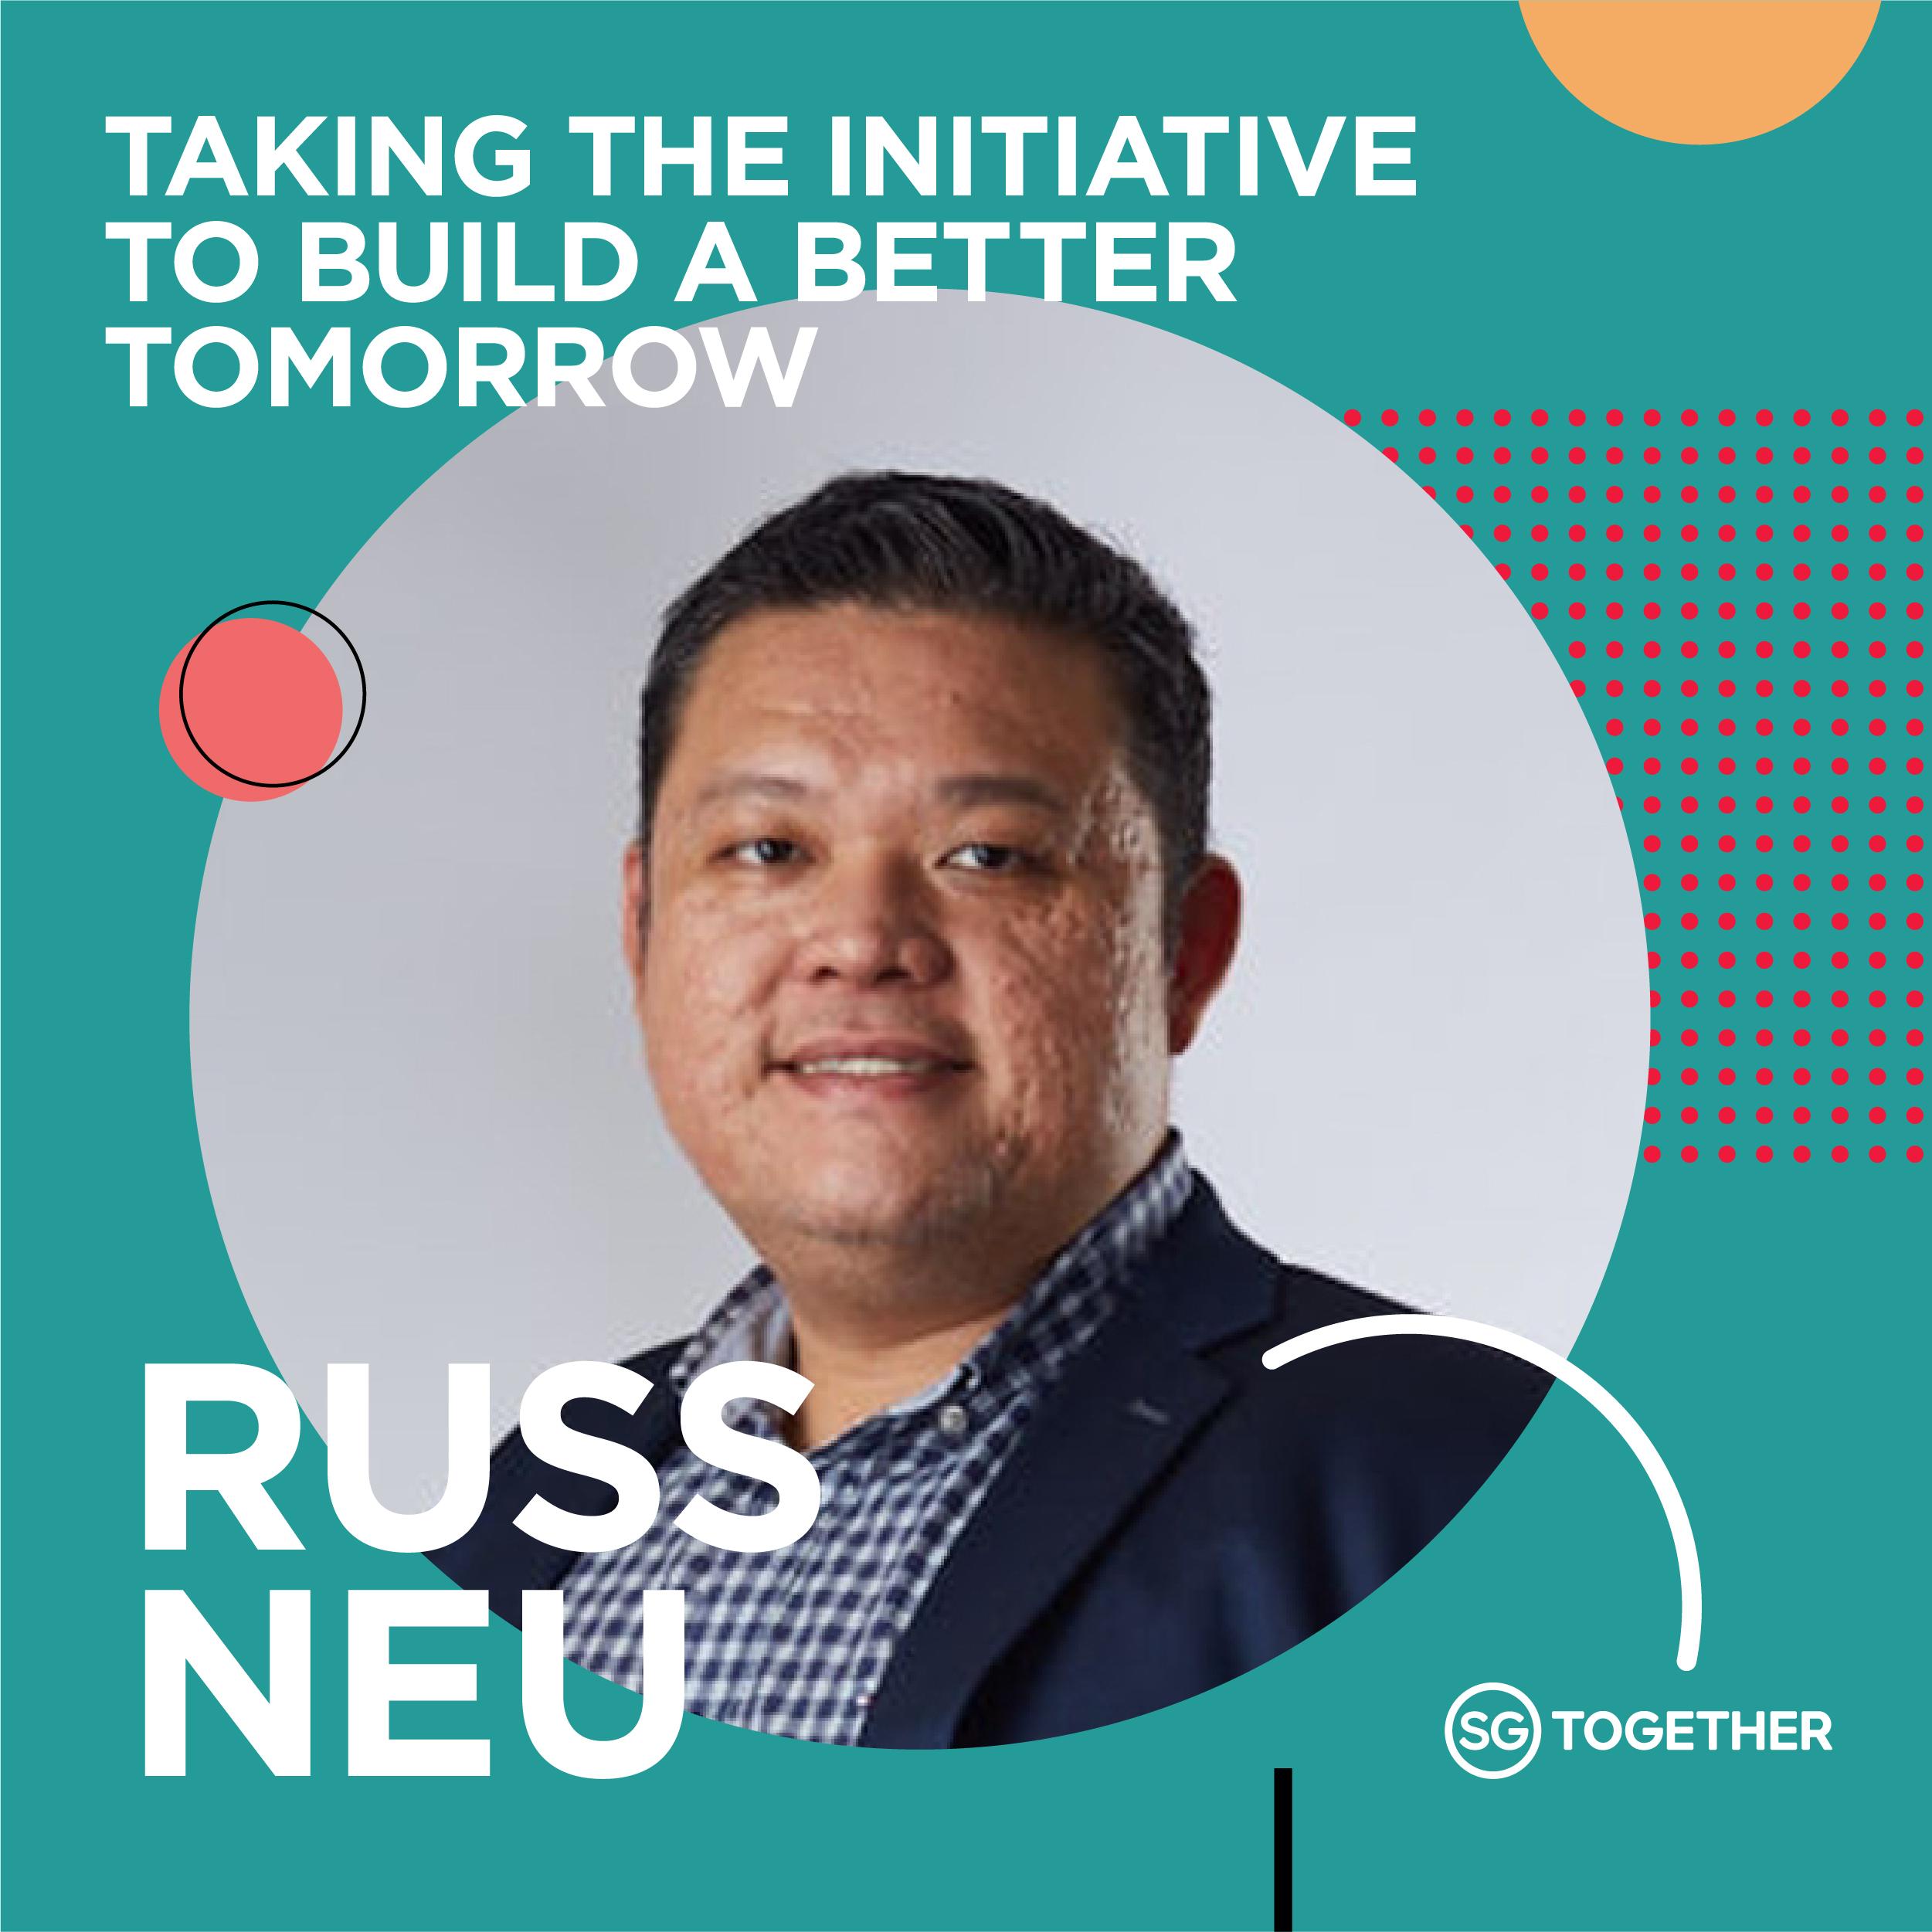 Russ Neu